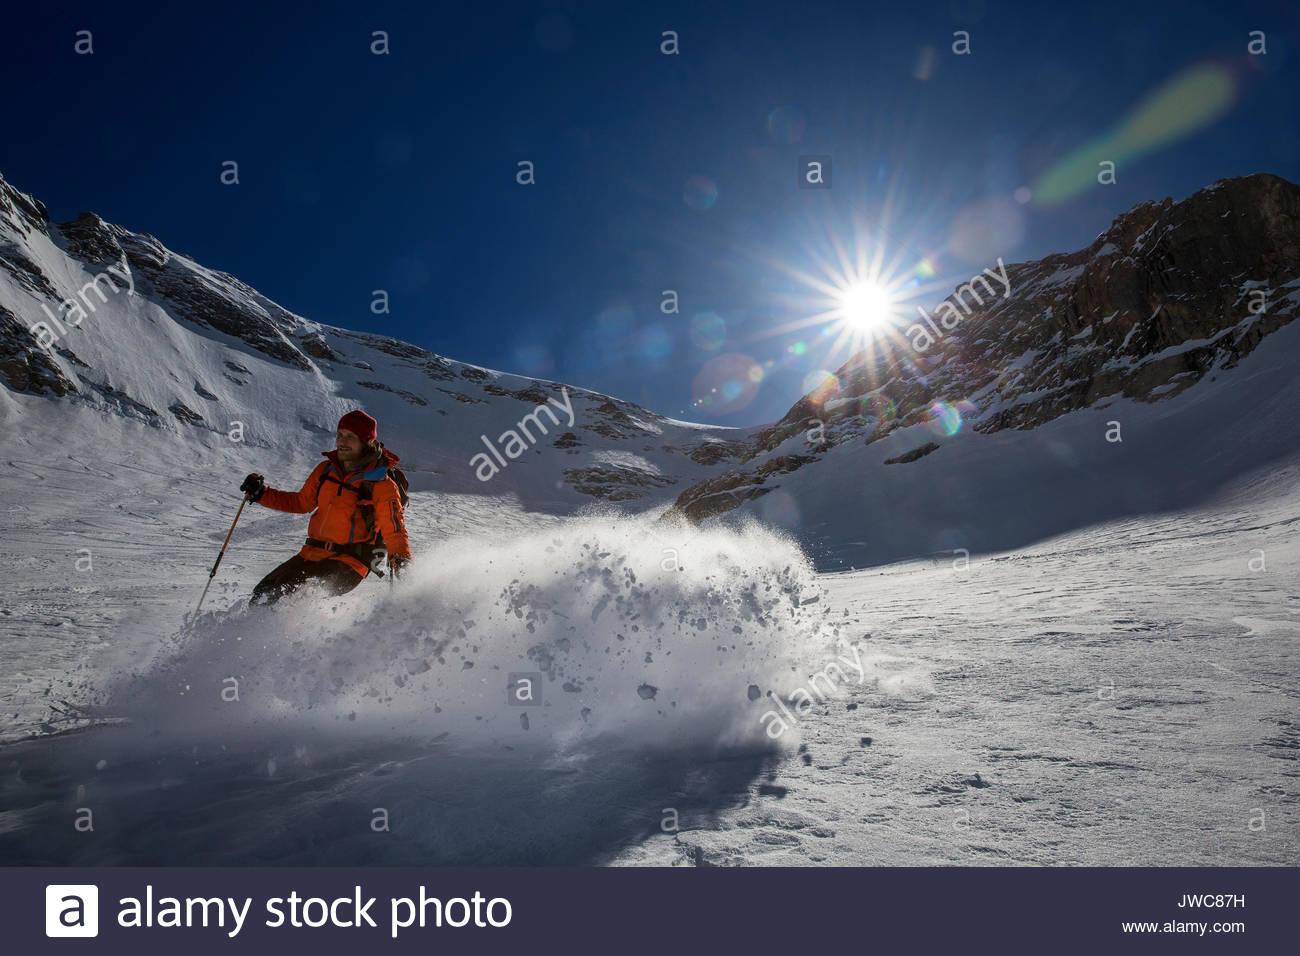 Skiing downhill near Marmolada. Stock Photo